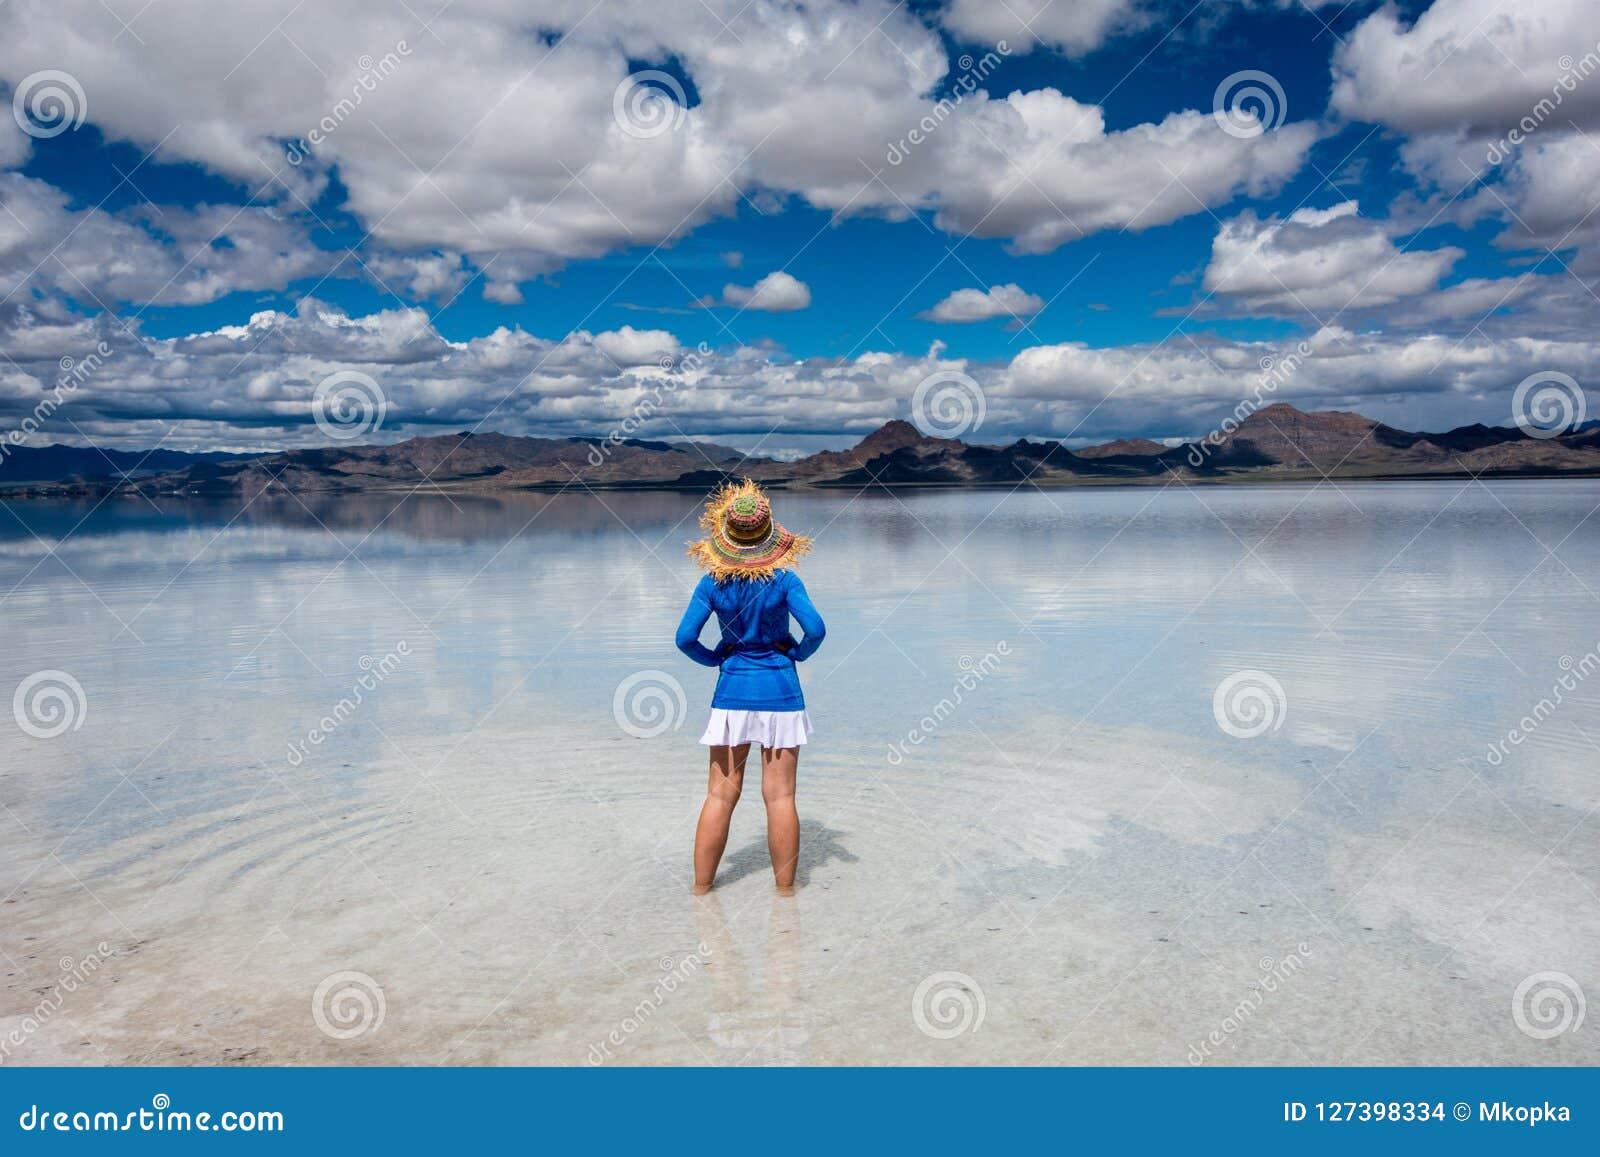 Erwachsene Frau trägt einen Strohhut, der an den Bonneville-Salz-Ebenen in West-Utah aufwirft